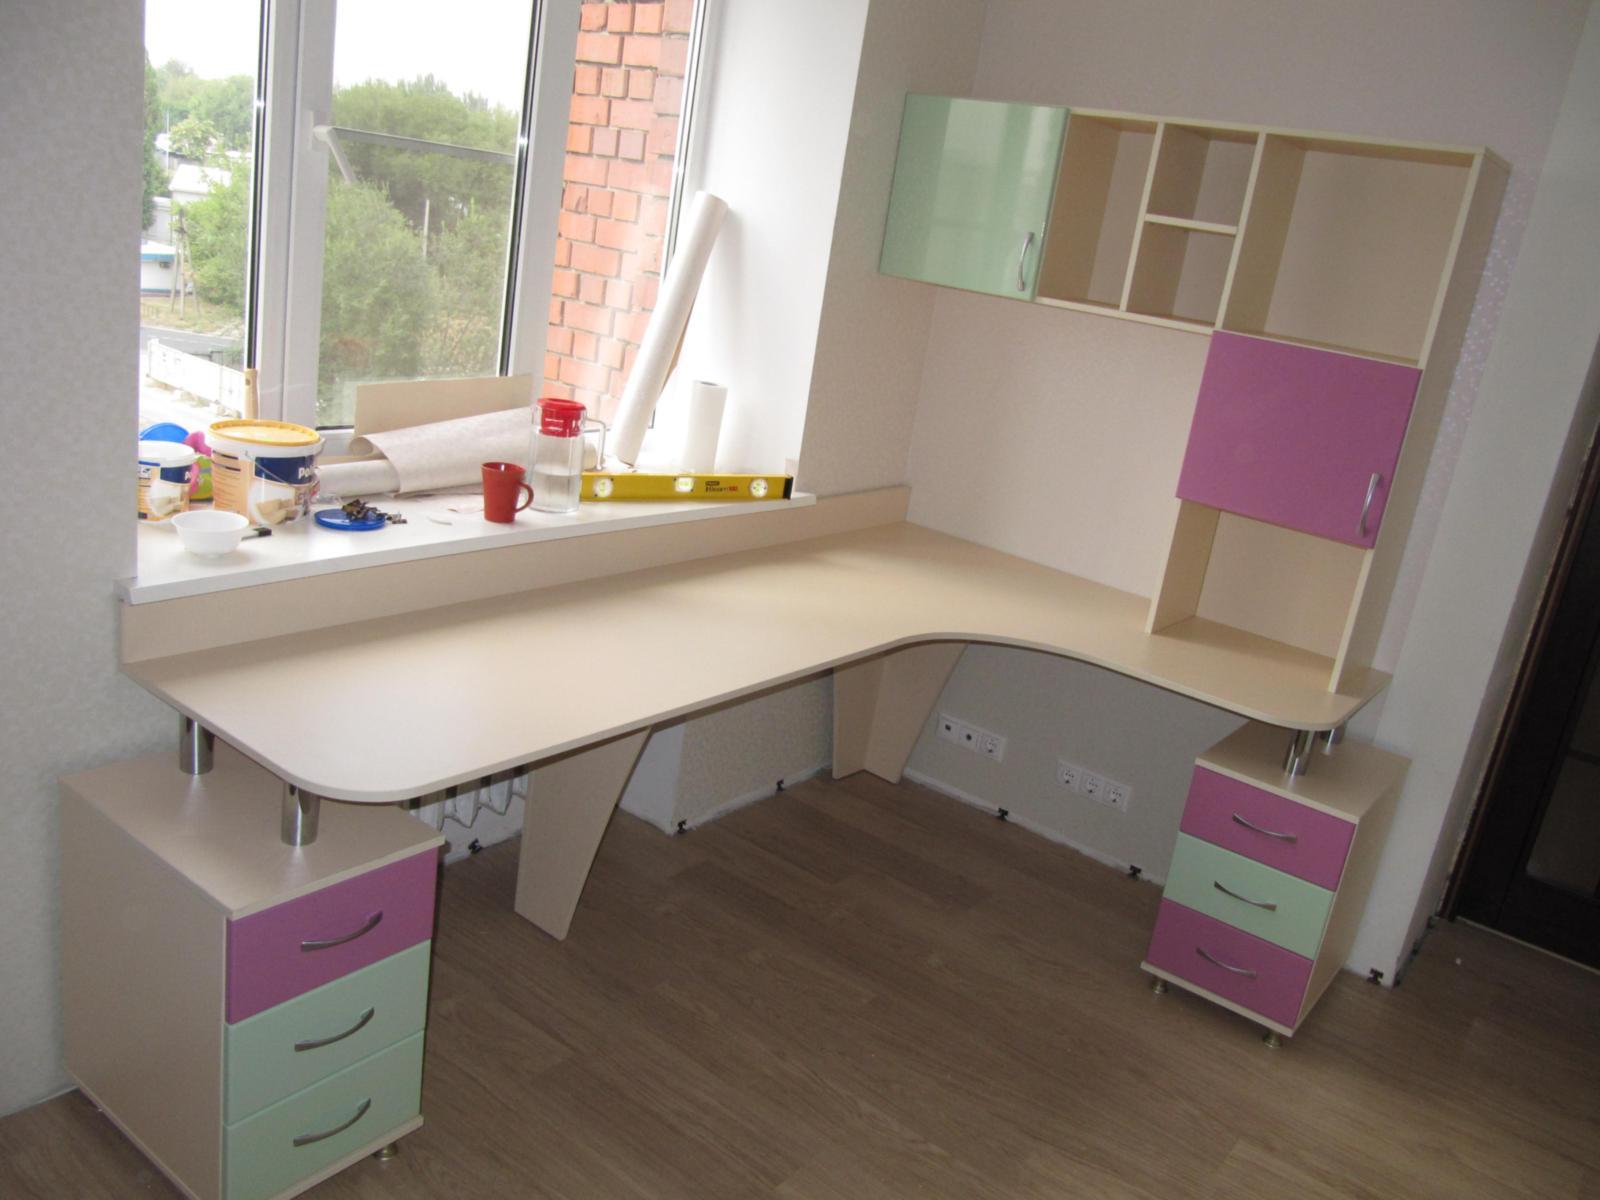 Столы компьютерные для детских комнат - mebeliportal.